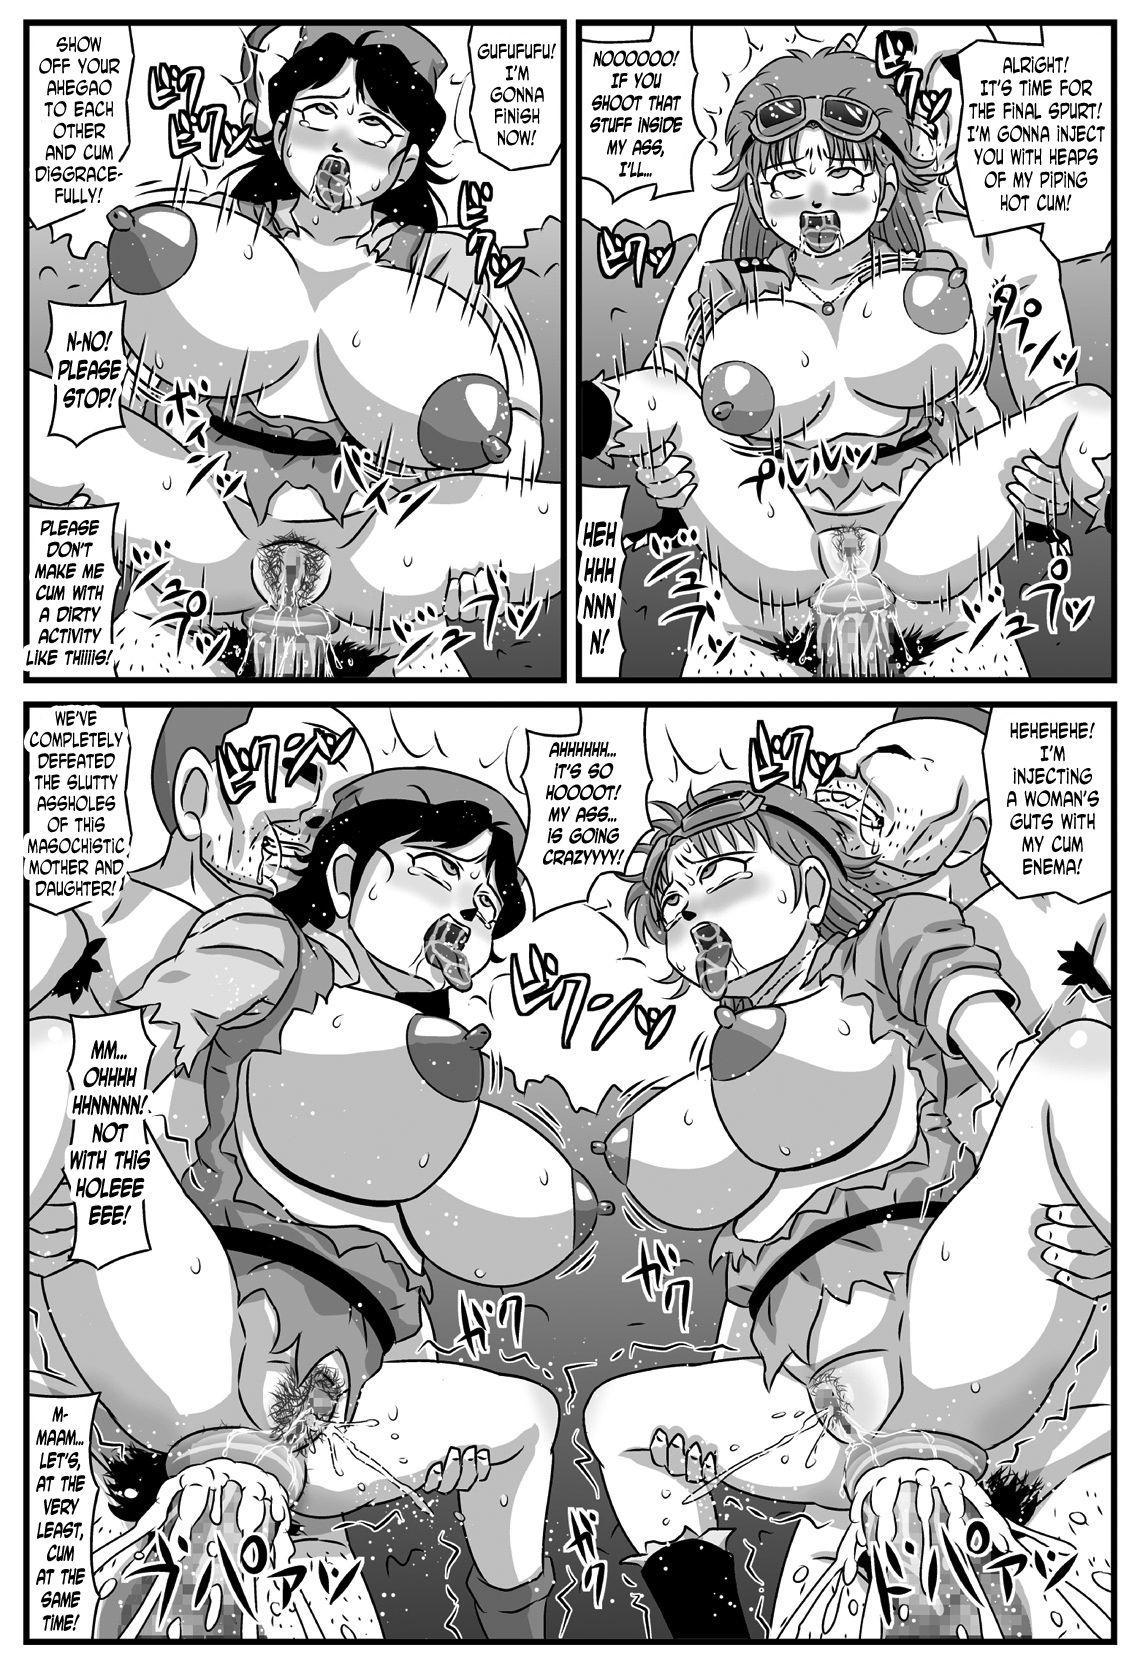 Kyonyuu Oyako ga Touzoku-dan no Nikubenki ni Nattara 15